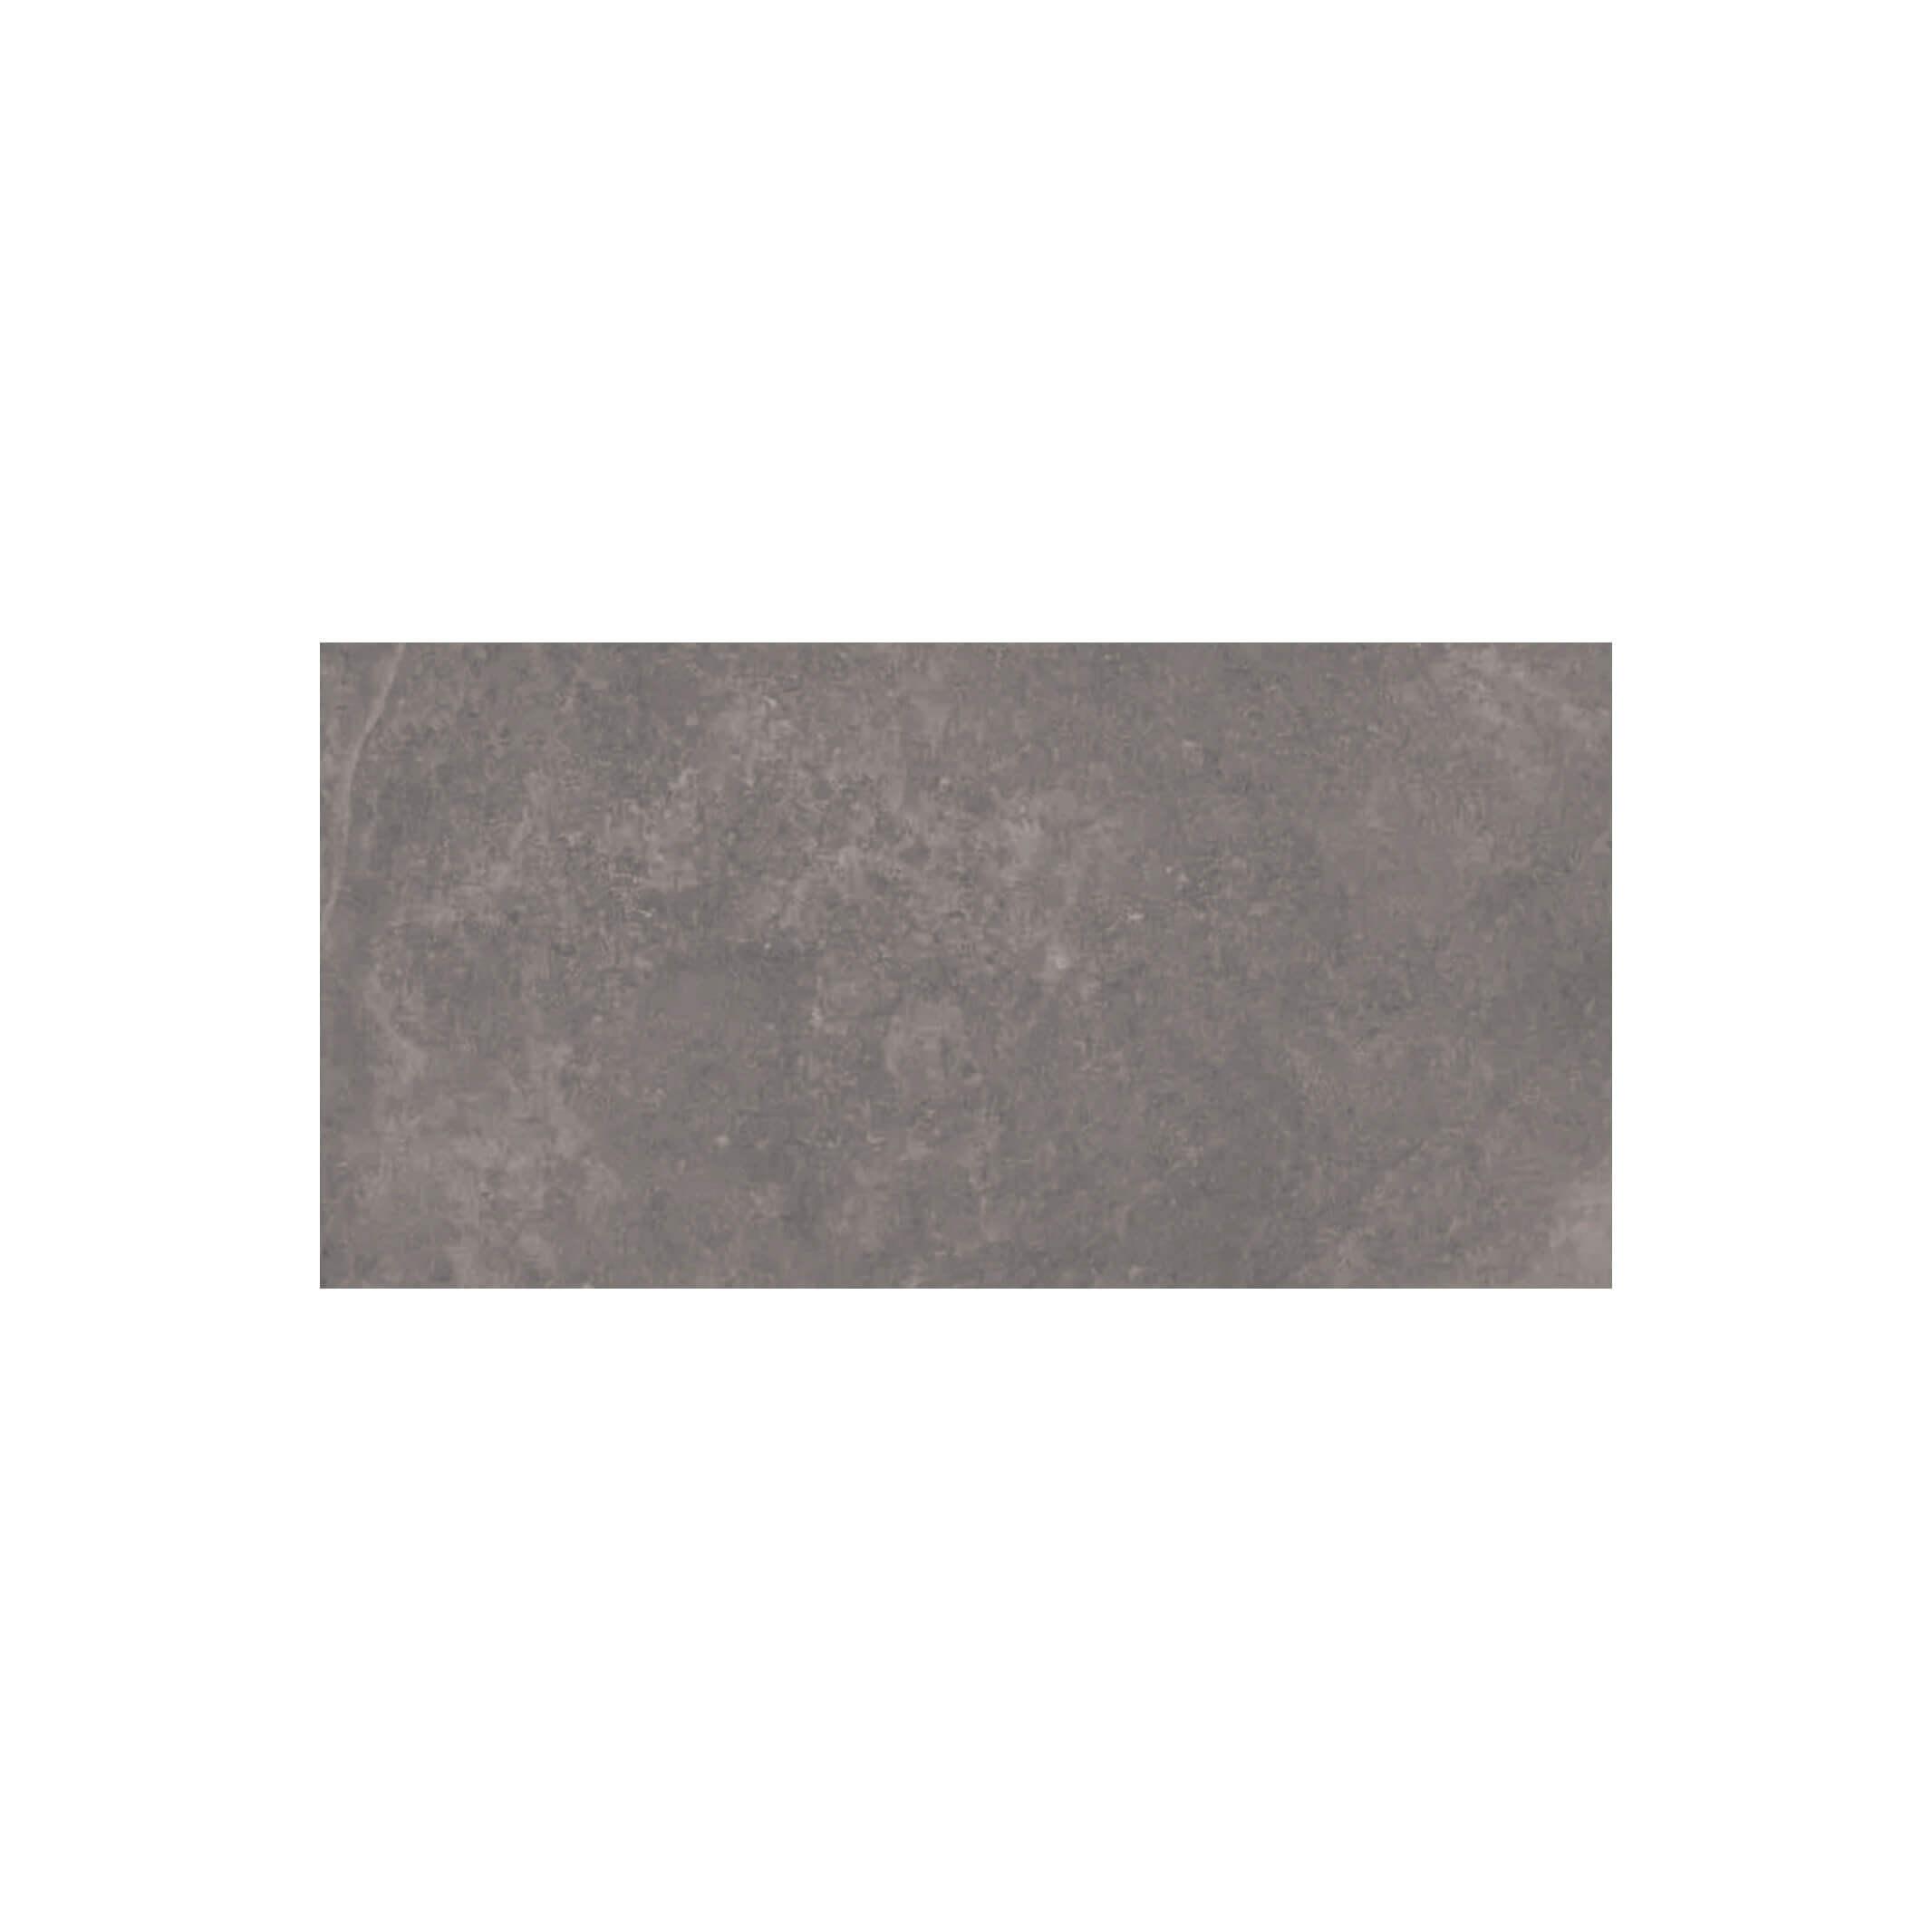 Carrelage sol et mur aspect pierre gris Leccese Fossile 60x120 cm rectifié